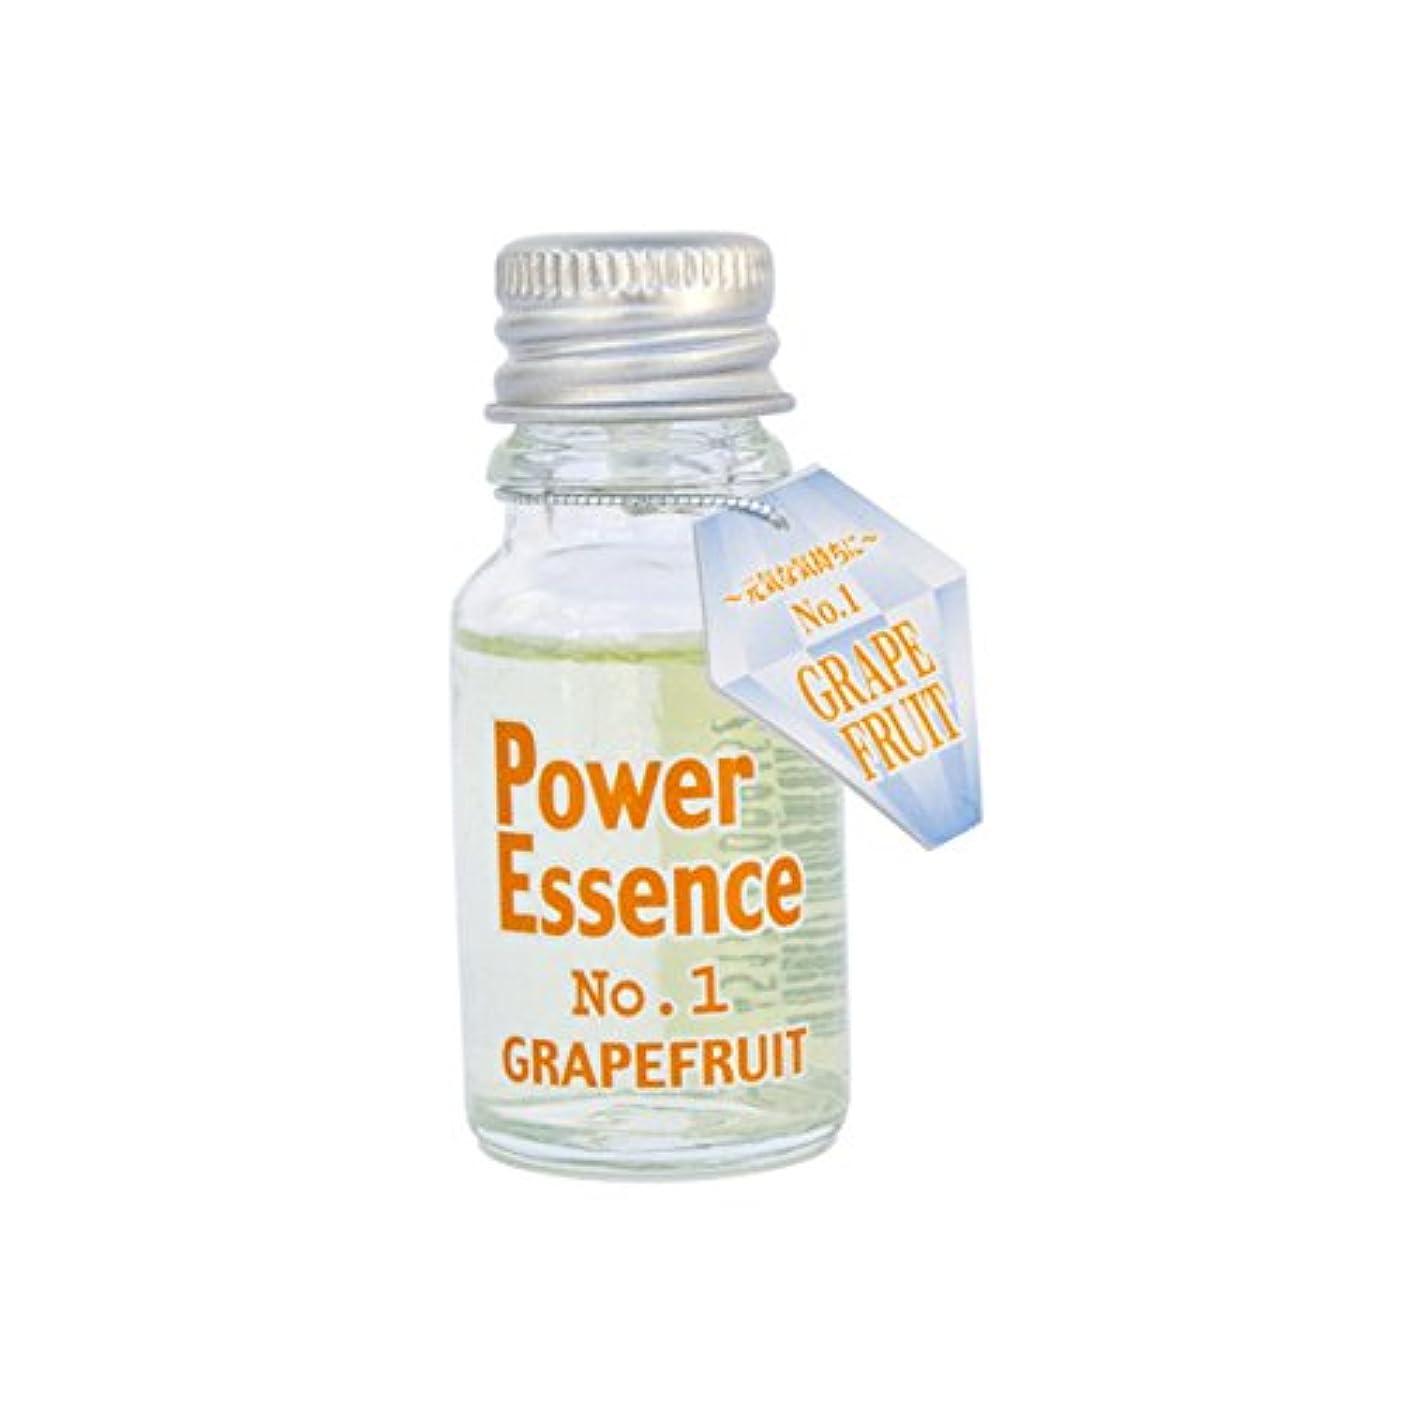 説得力のある抵抗する動作パワーエッセンス No.1 グレープフルーツ